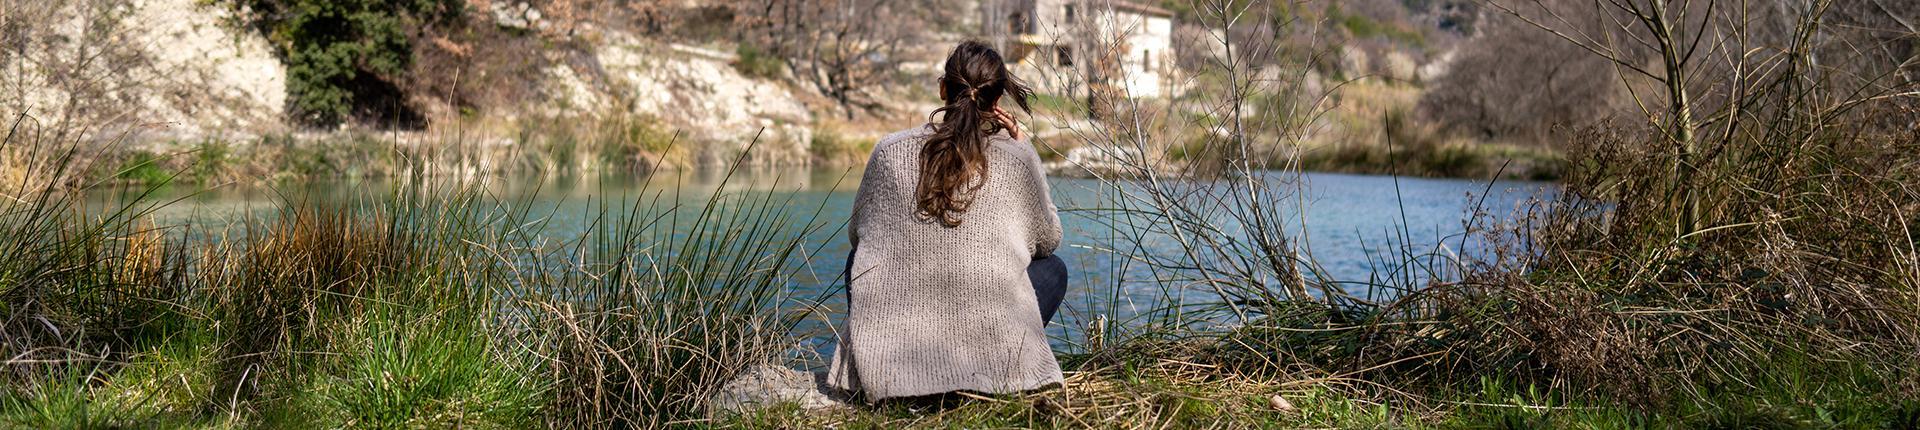 femme face a un beau paysage